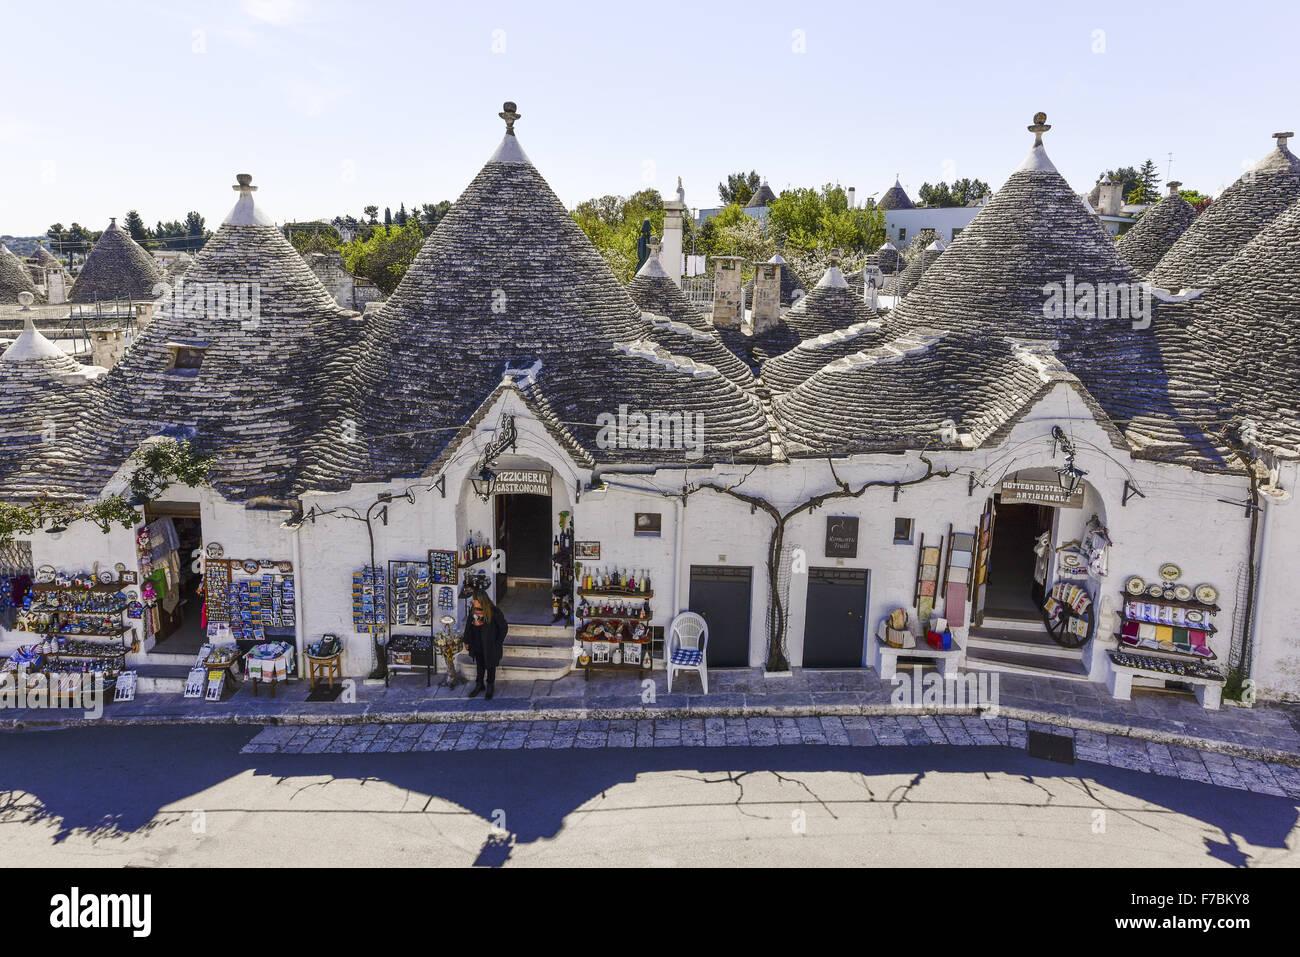 Trullo, Trulli, Alberobello, Puglia, Italia, Sitio del Patrimonio Mundial de la UNESCO Imagen De Stock